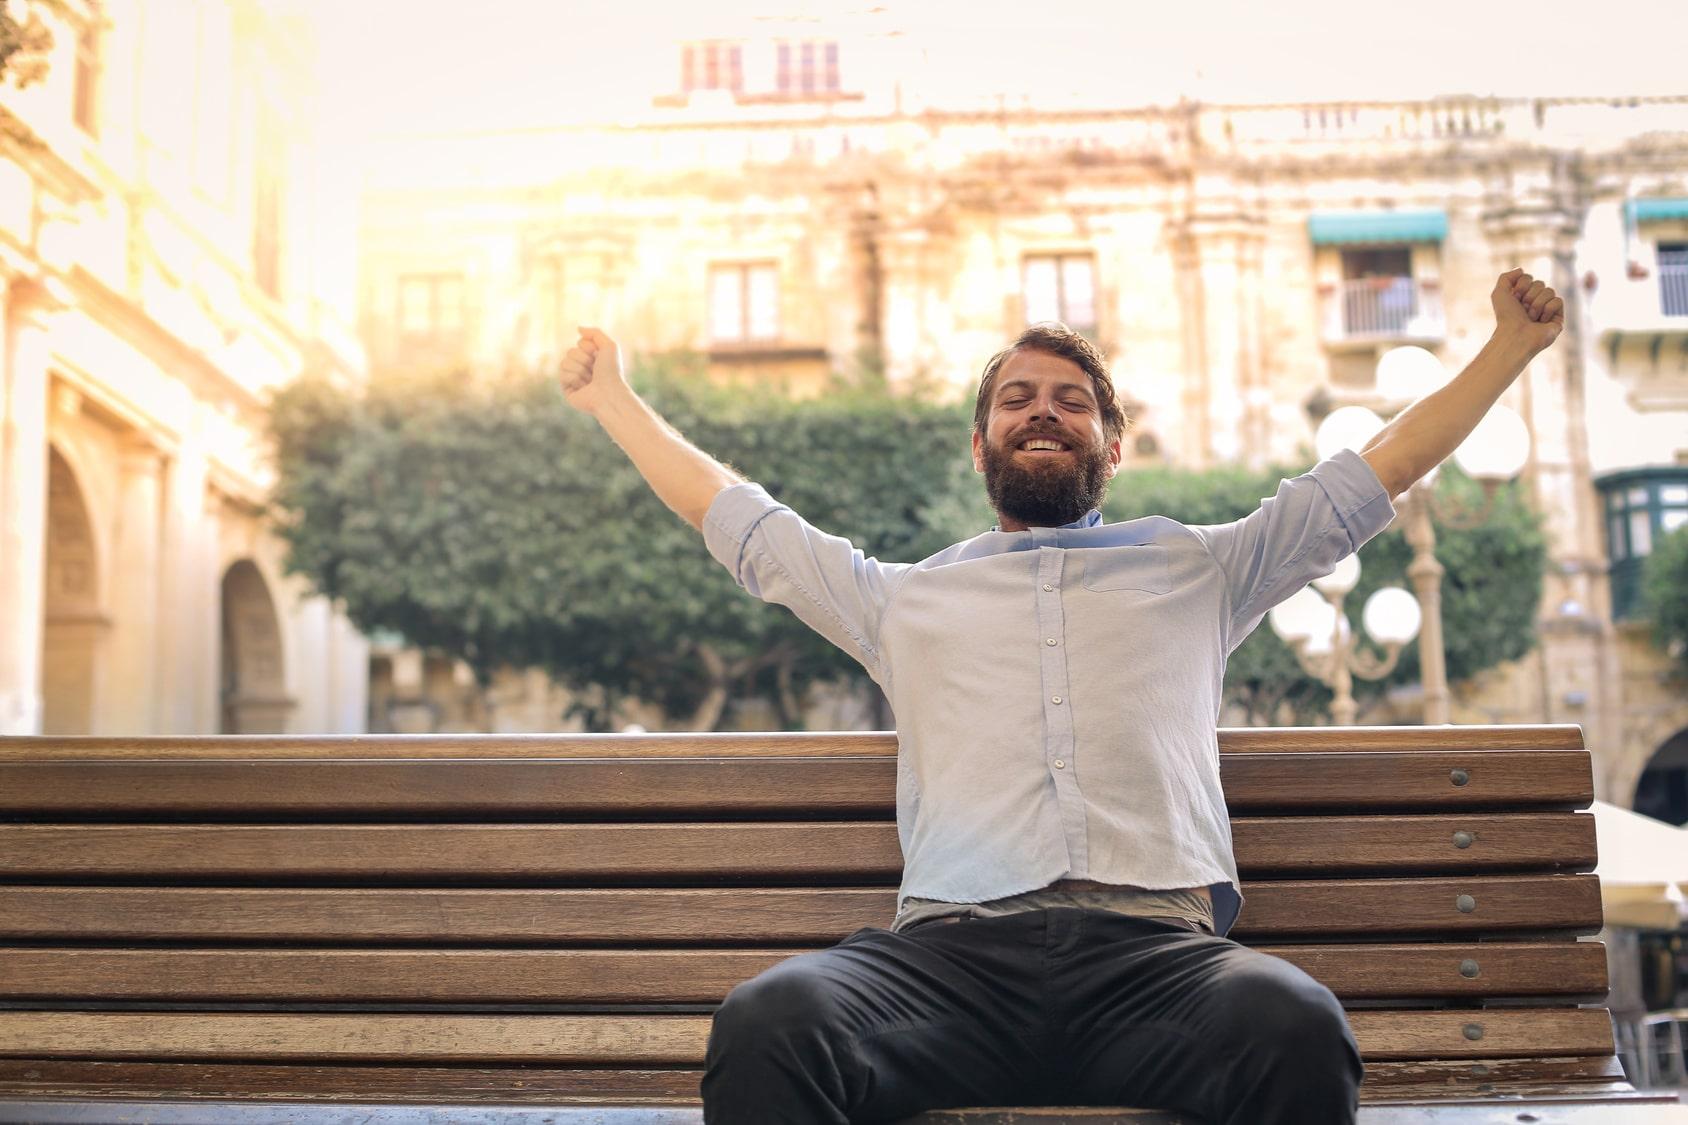 Ein junger Mann mit Vollbart und kurzen braunen Haaren, sitzt auf einer Bank an einer Strasse vor einem alten großen Gebäude. Er hebt beide Arme nach oben und ballt seine Hände zu einer Faust und lächelt dabei sehr glücklich. Er zeigt mit seiner Gestik und Gesichtsmimik, dass er mit dem Programm der unibee Institute, sein Selbstbewusstsein ausserordentlich gut aufbauen konnte. Er ist bekleidet mit einem blauen Hemd und einer schwarzen Jeanshose. Es ist ein sonniger Tag.